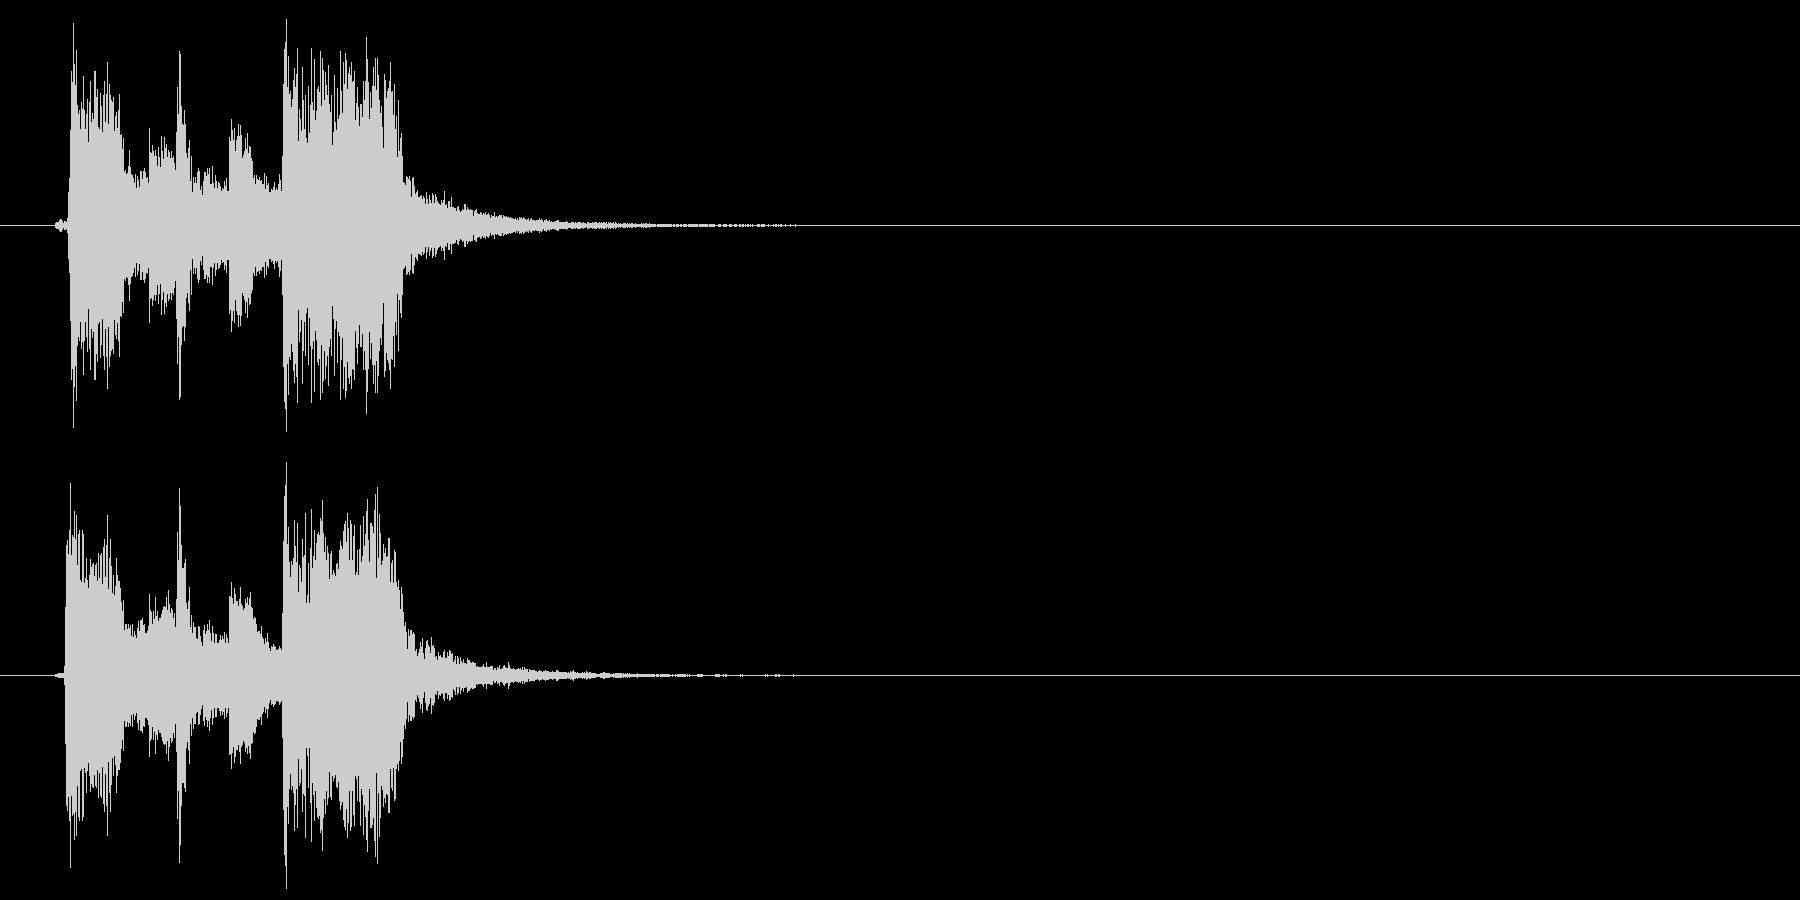 キラキラポップジングルの未再生の波形